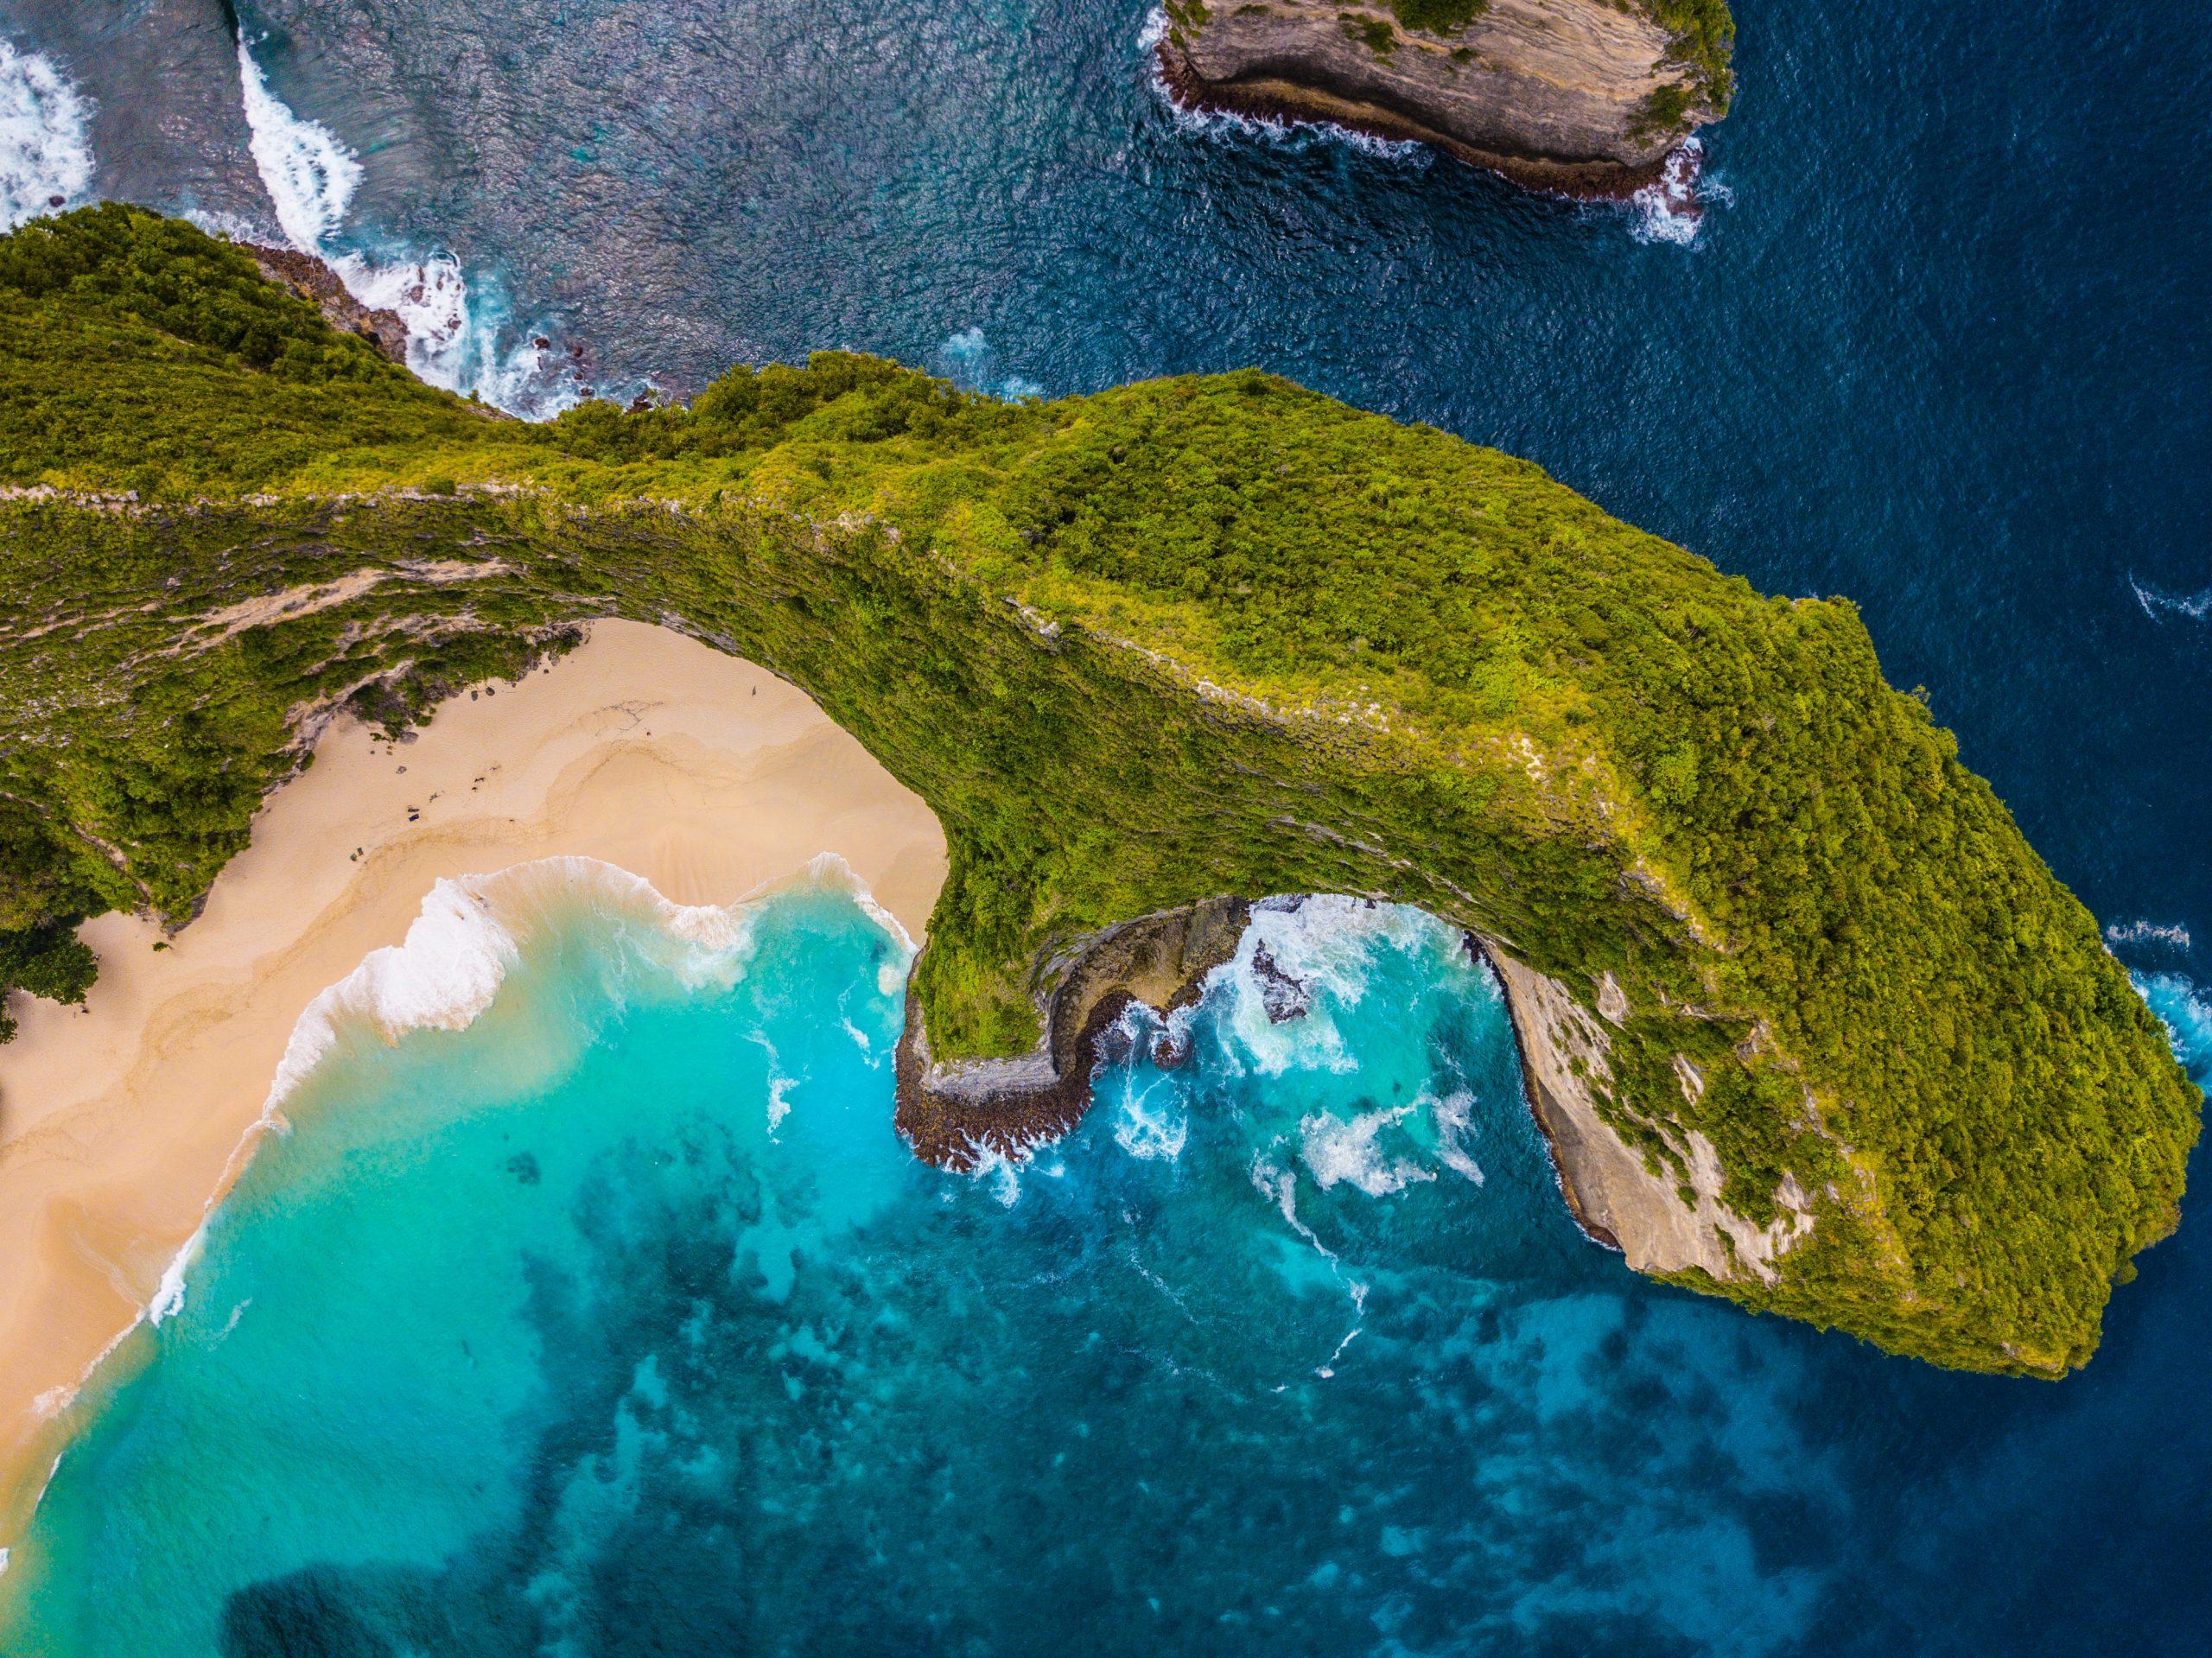 PACKAGE บาหลี-เกาะนูซาเปอนิดา-ทานาห์ลอต-อูลูวาตู 4วัน3คืน